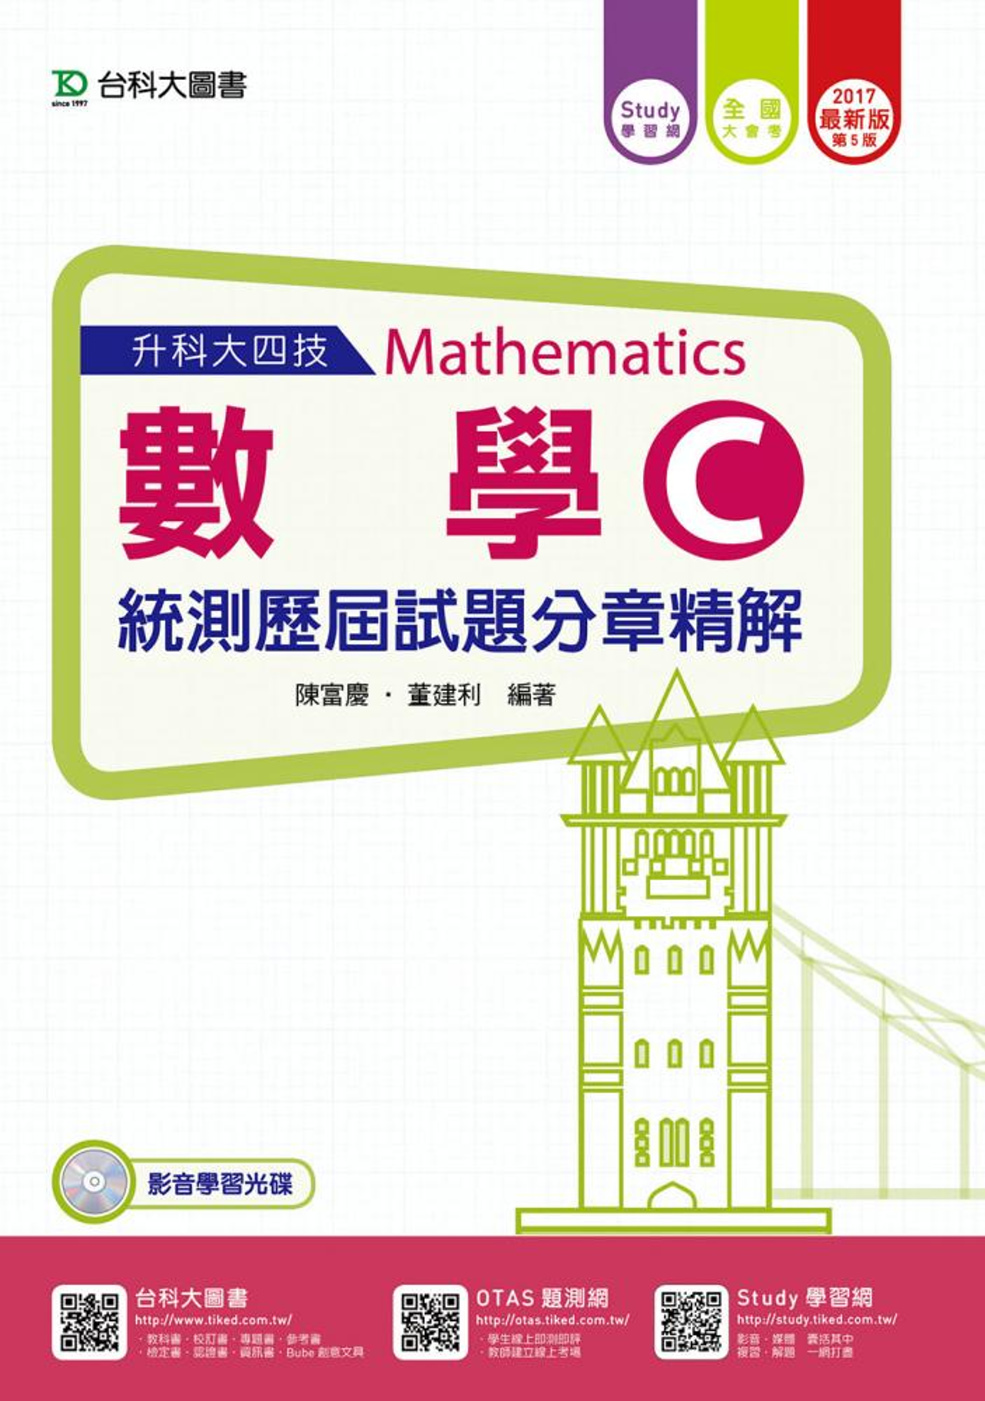 升科大四技數學 C 統測歷屆試題分章精解 - 附贈Study學習網(含DVD) - 2017年最新版(第五版)